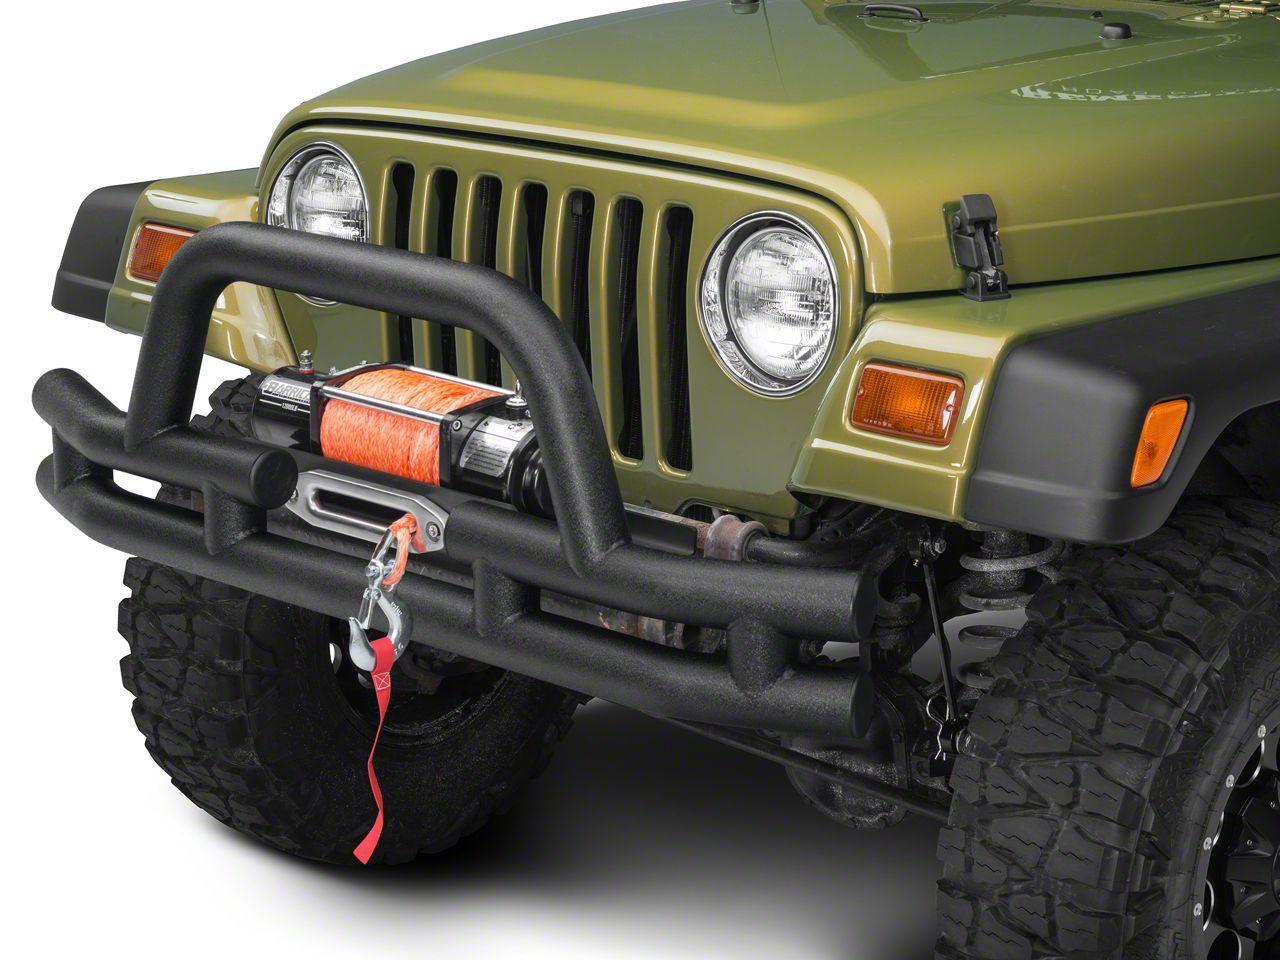 Barricade Front Tubular Bumper w/ Winch Cutout - Textured Black (87-06 Wrangler YJ & TJ)